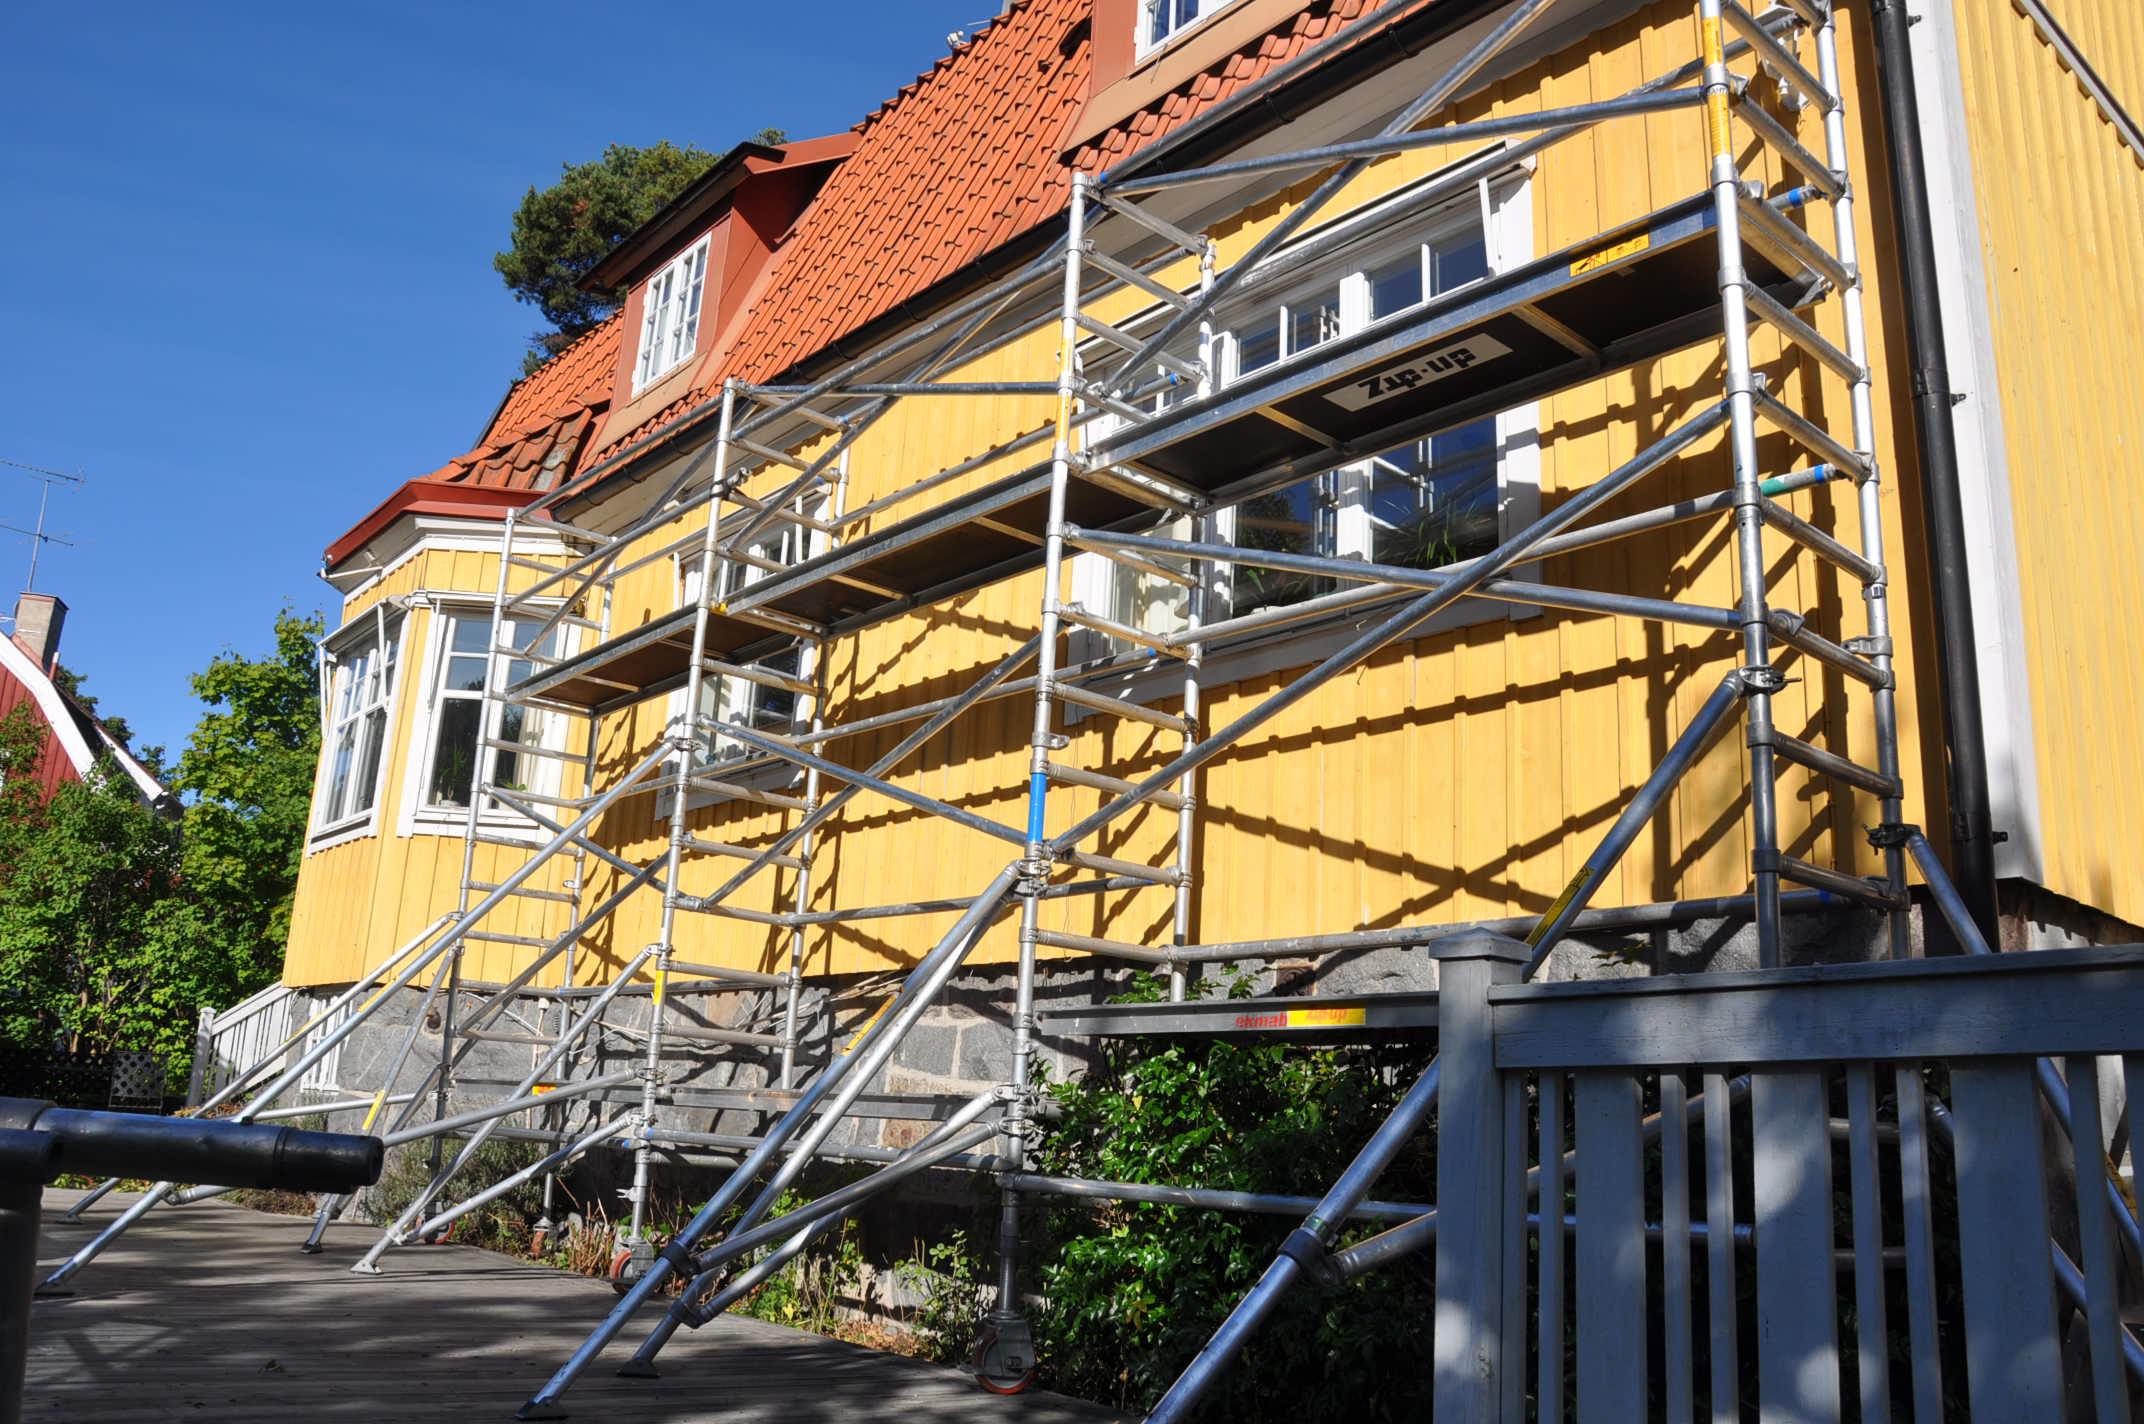 Smal byggställning flera sektioner bilder h9.se hyr byggställning (2)